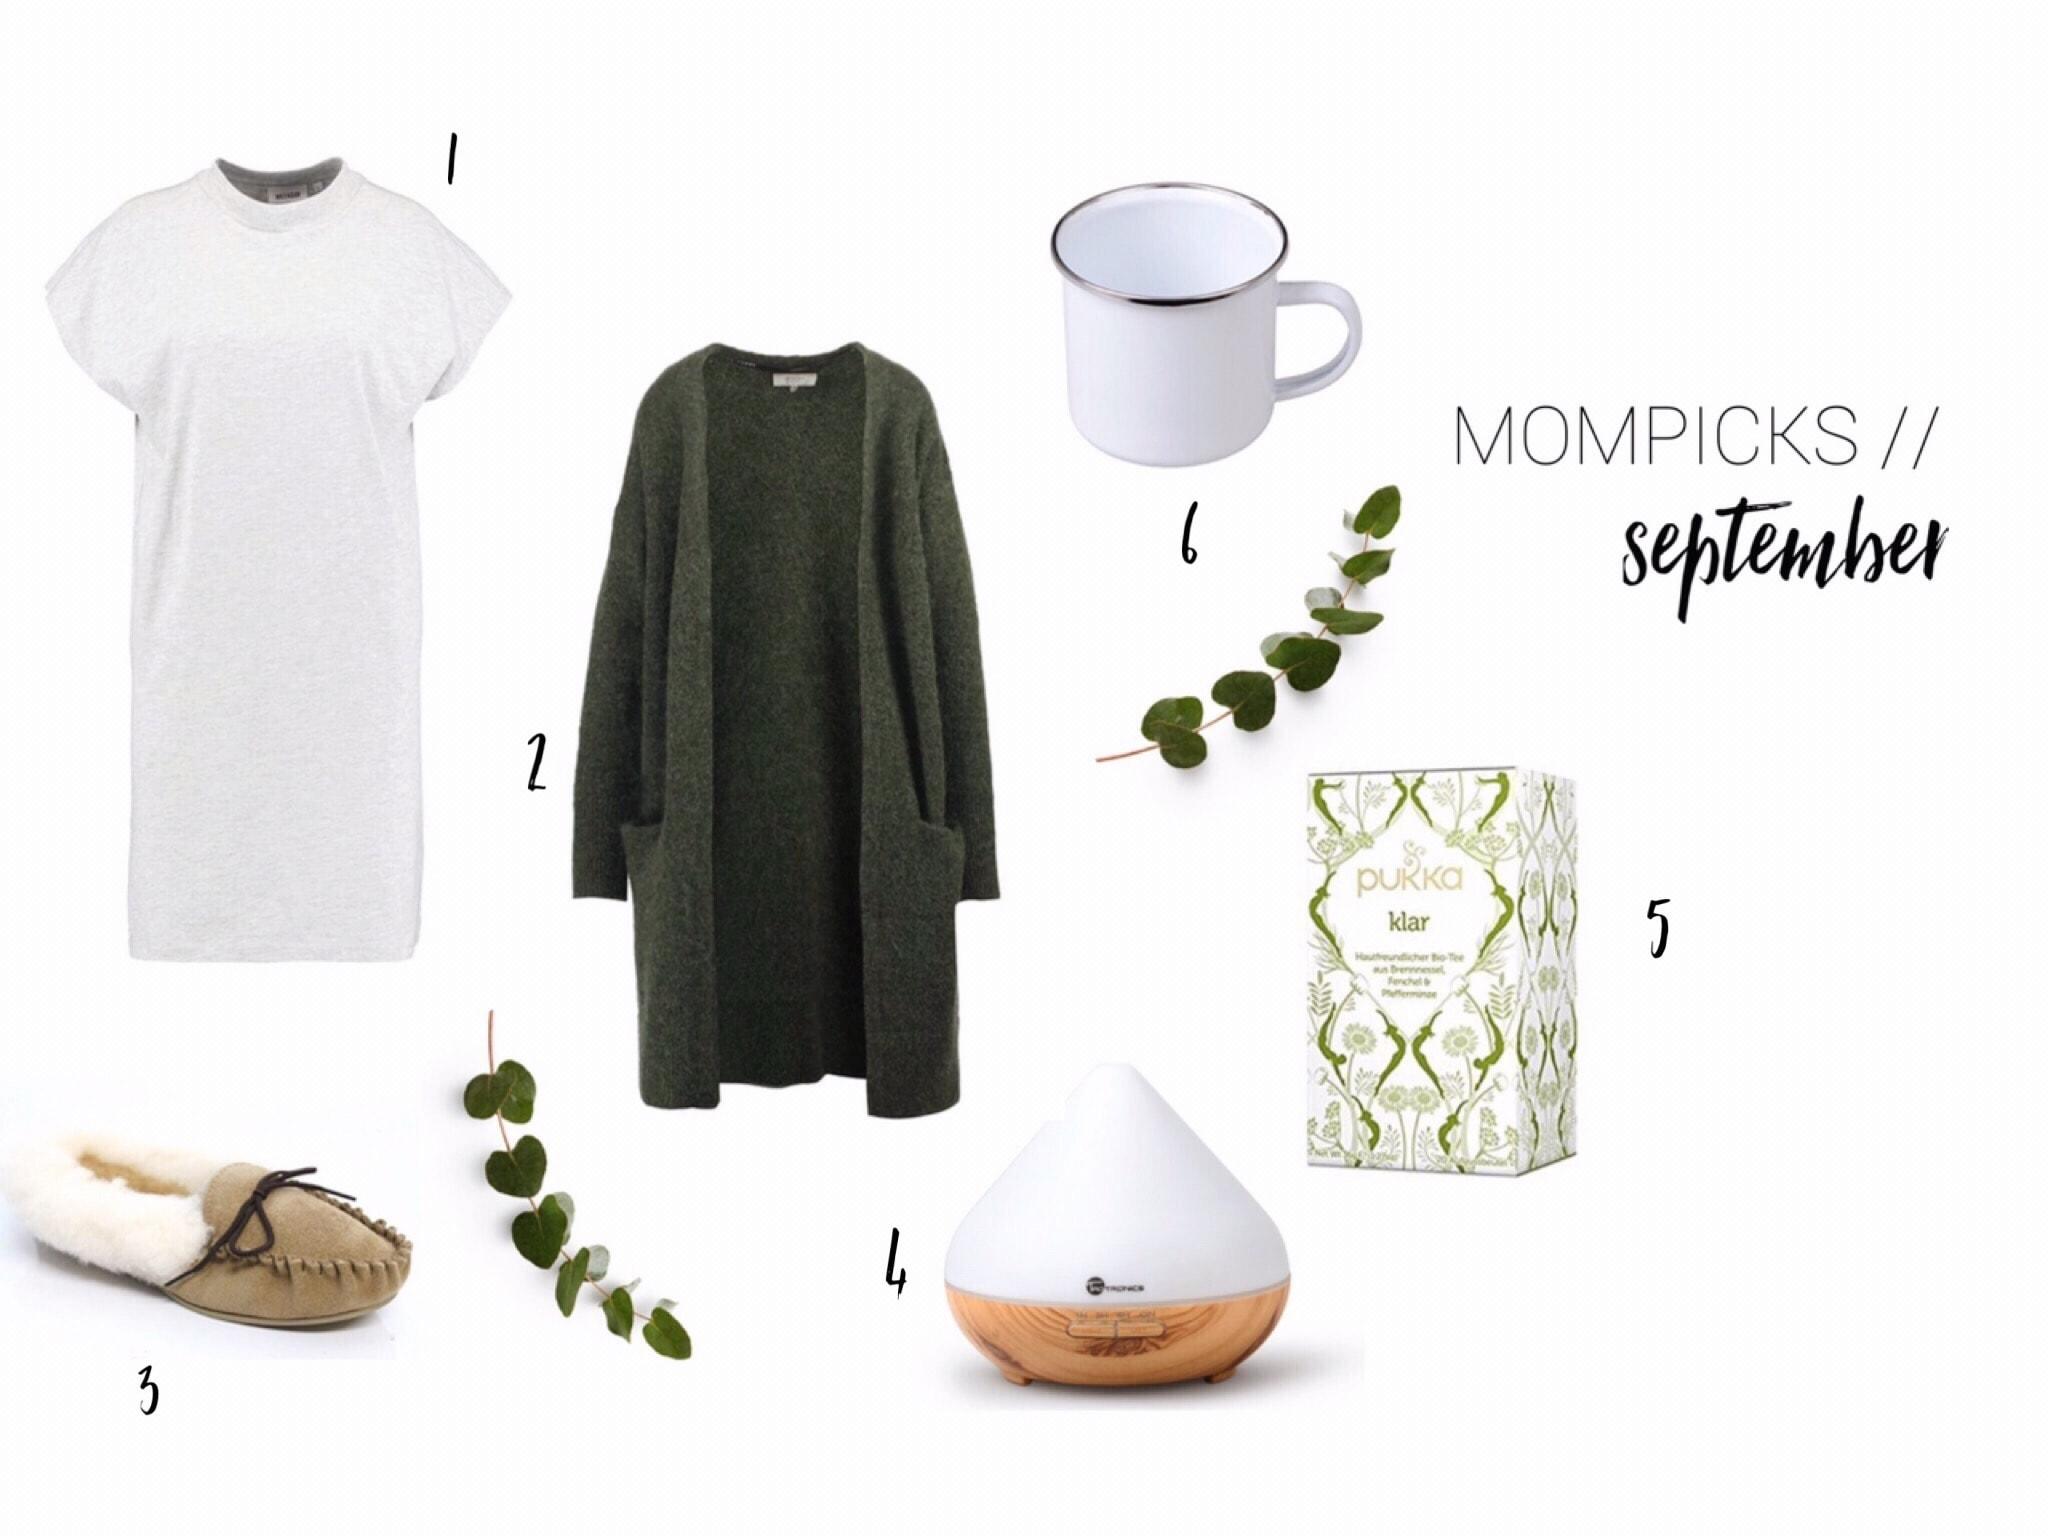 Mompicks September